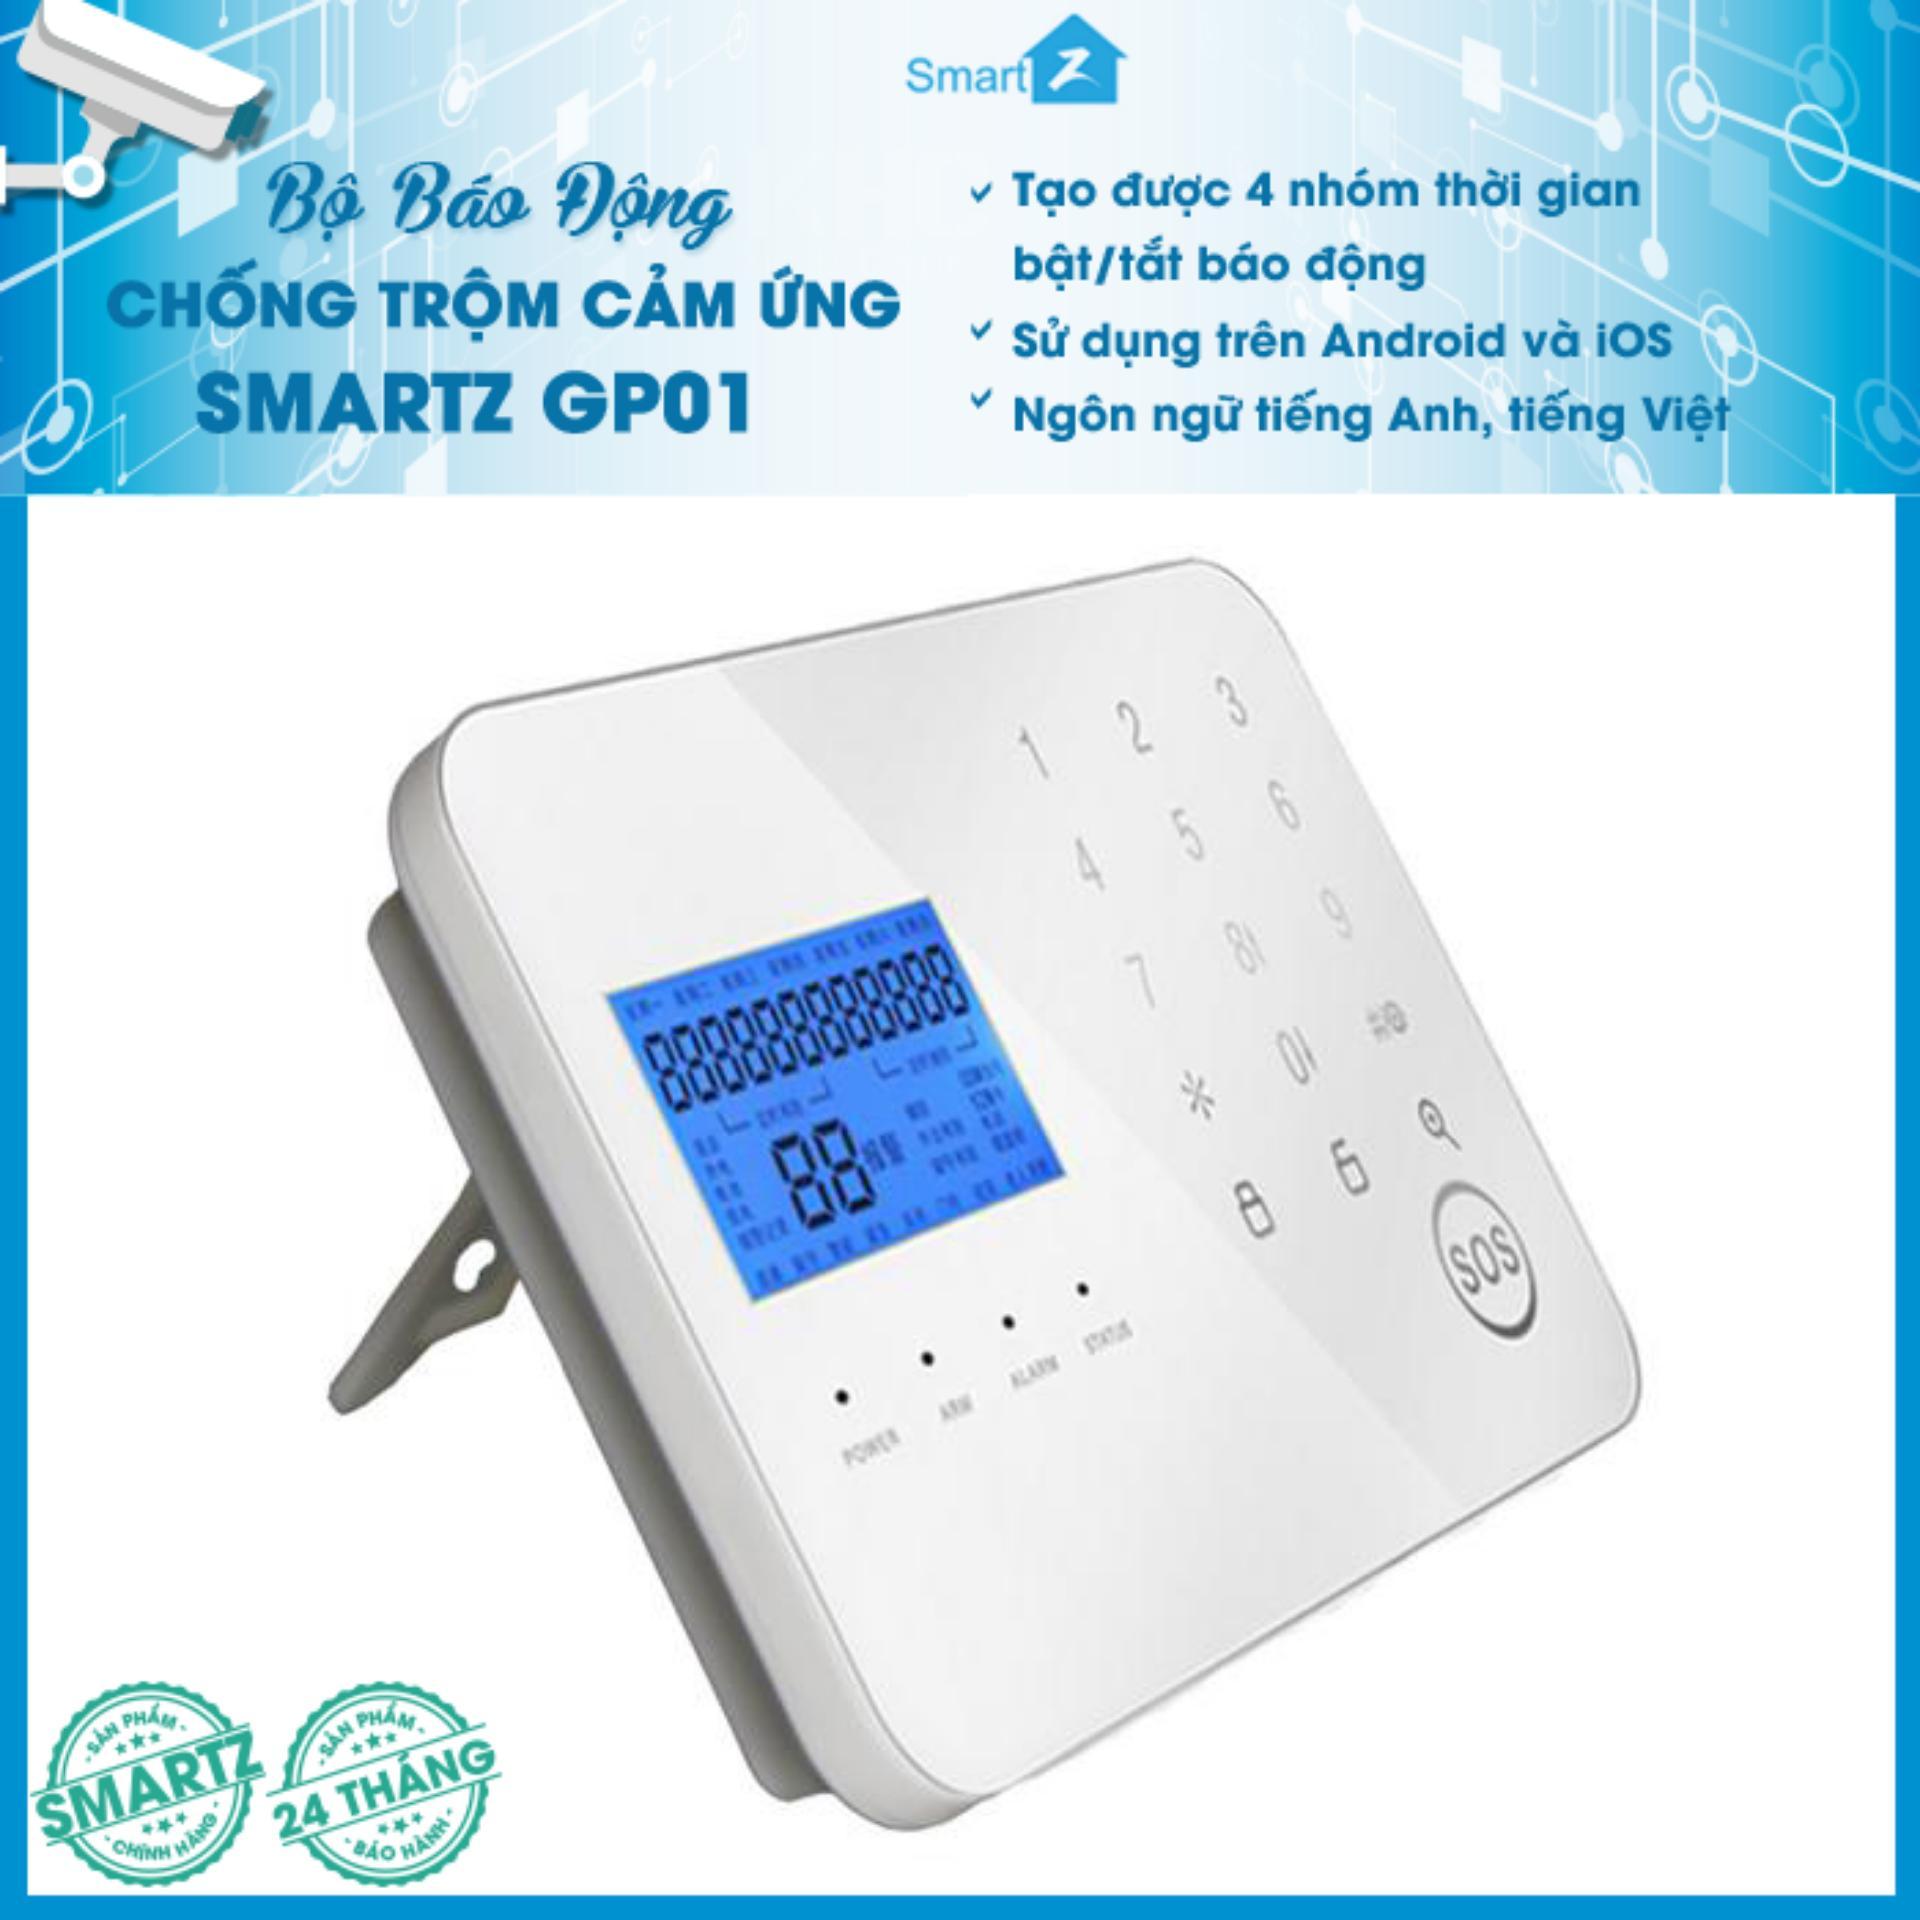 Hệ Thống Báo Động Chống Trộm GSM + PSTN SmartZ GP01 phím cảm ứng 433Mhz - HÃNG PHÂN PHỐI ĐỘC QUYỀN